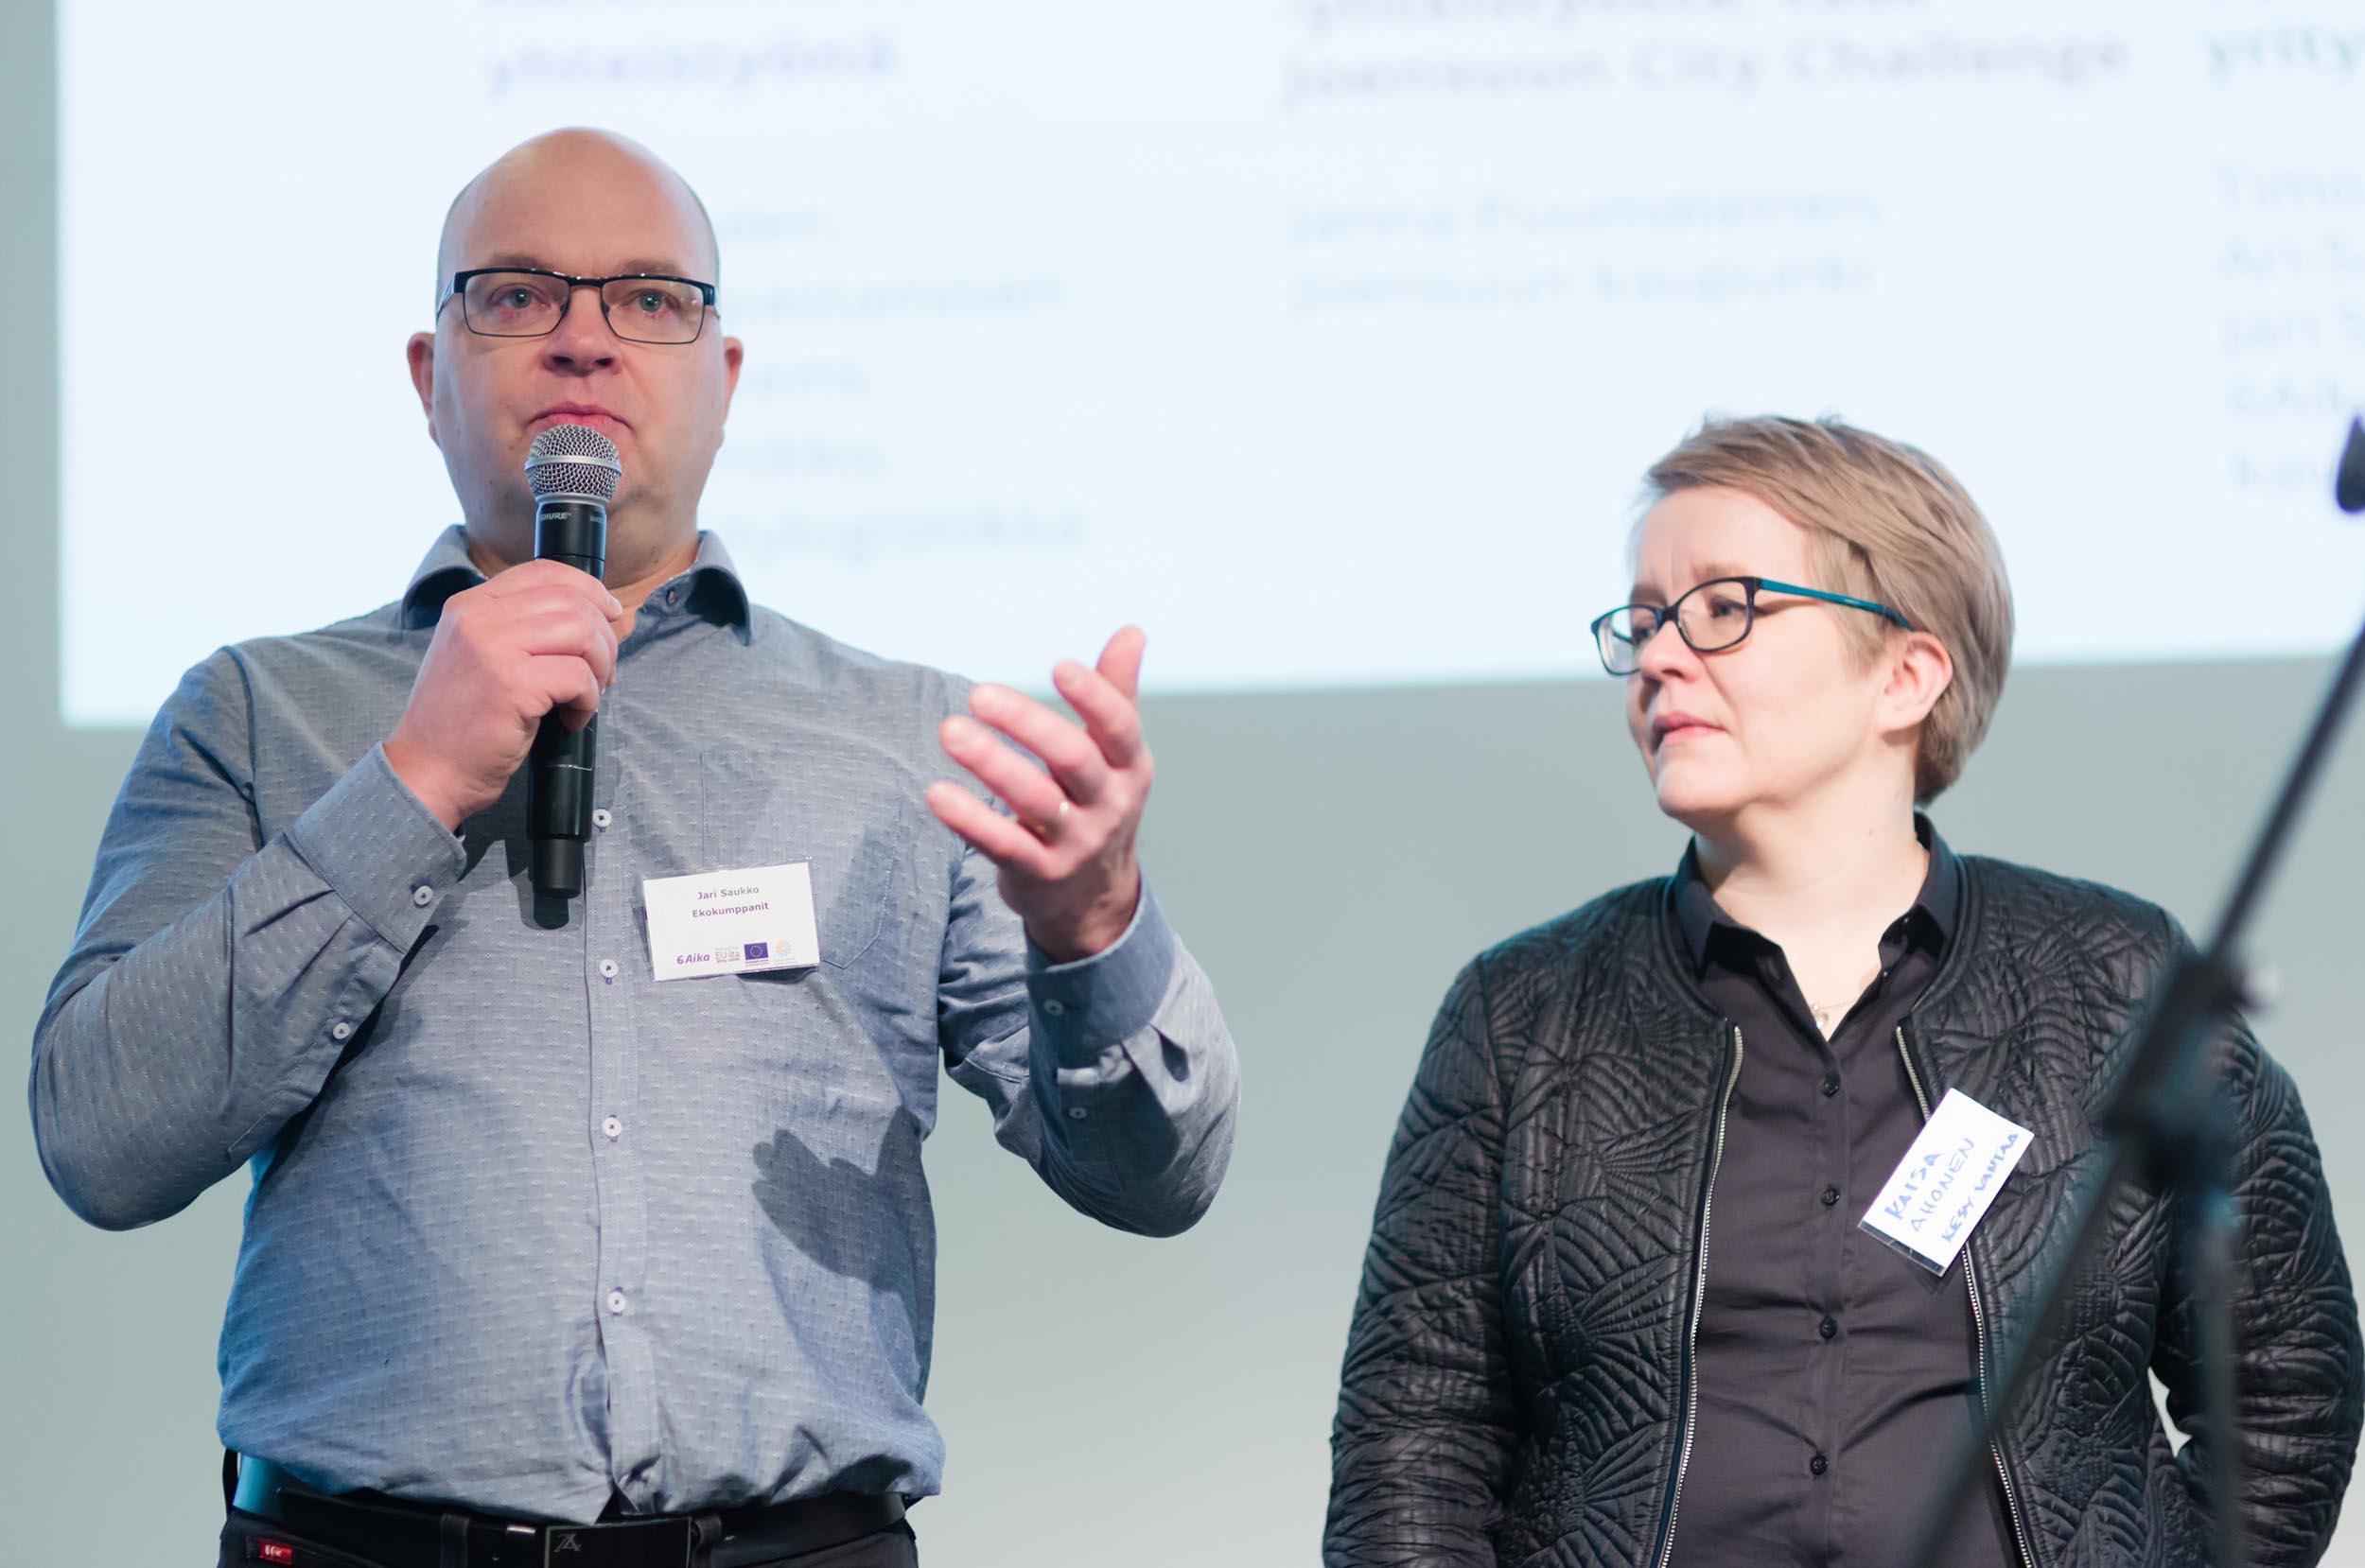 Mies ja nainen seisovat rinnakkain esiintymislavalla, mies puhuu mikrofoniin ja nainen kuuntelee.